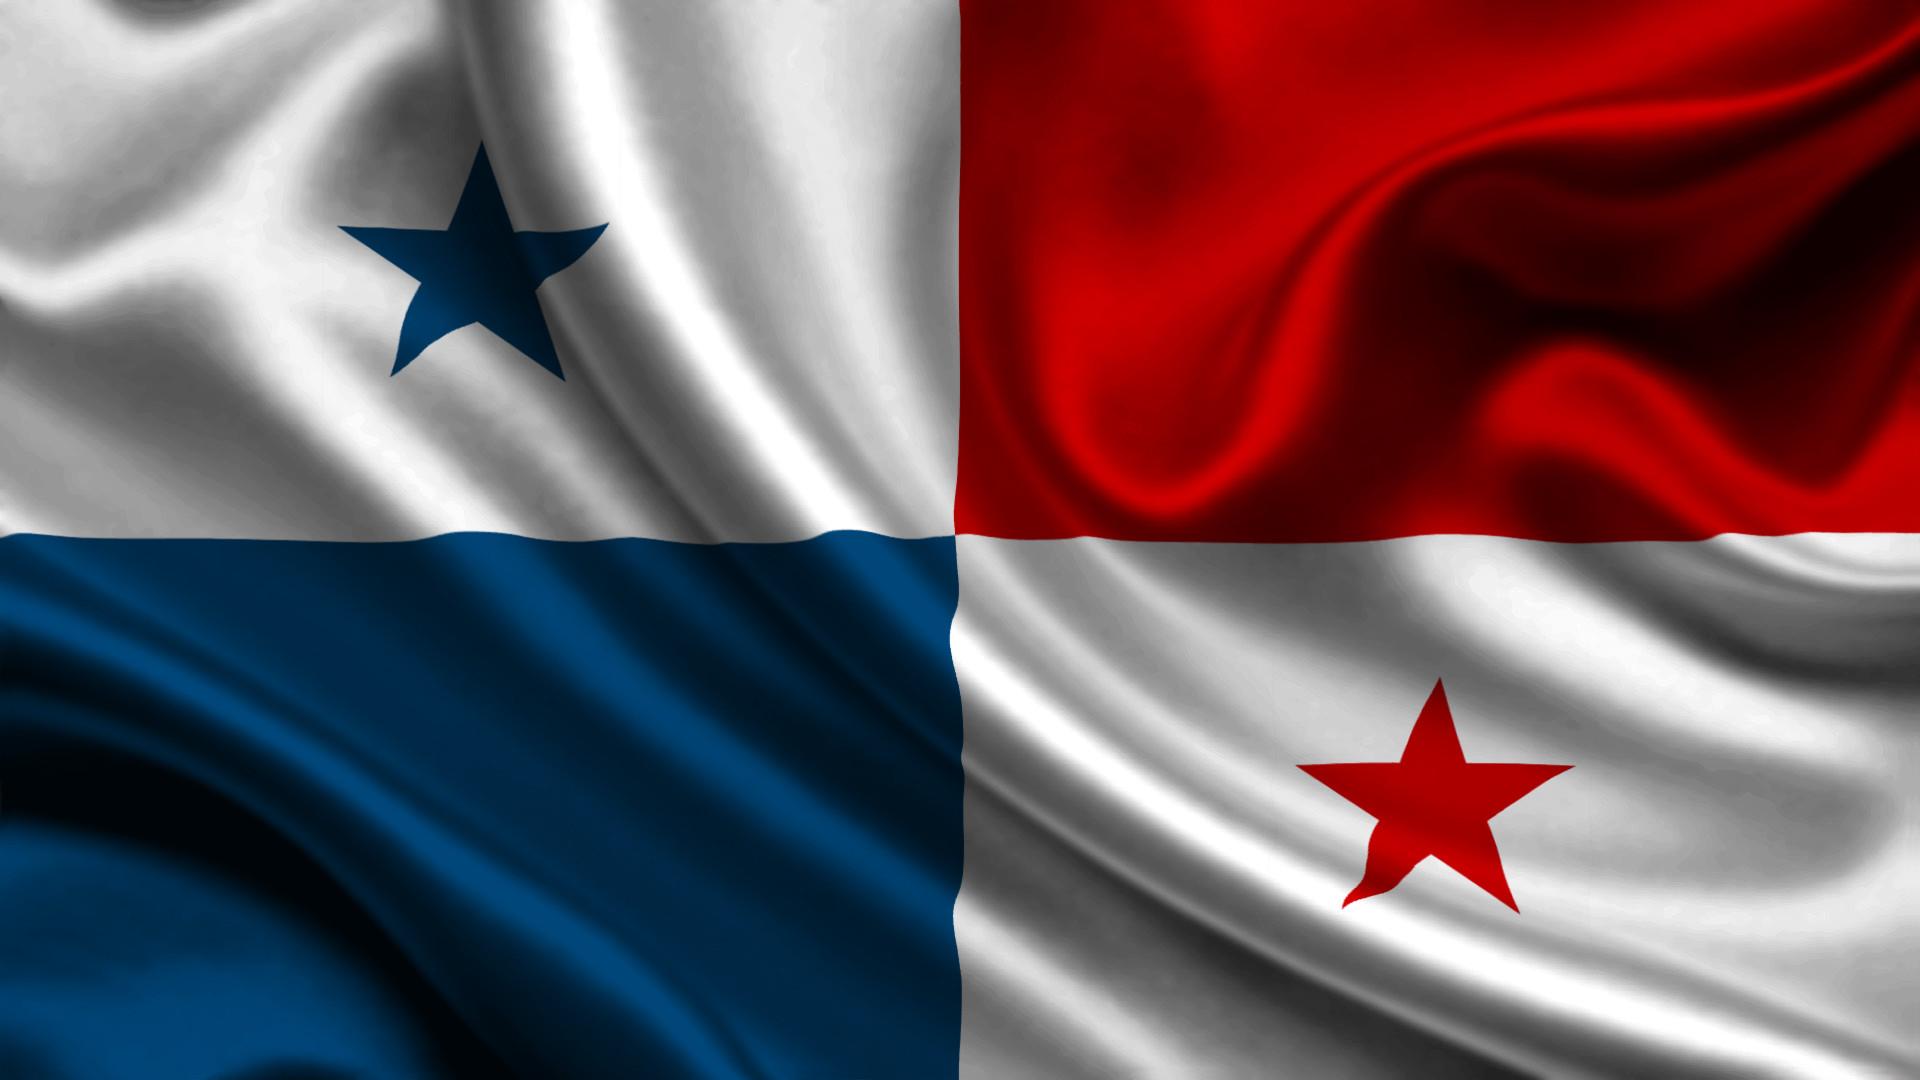 Panama-Flag-Wallpaper.jpg (1920×1080)